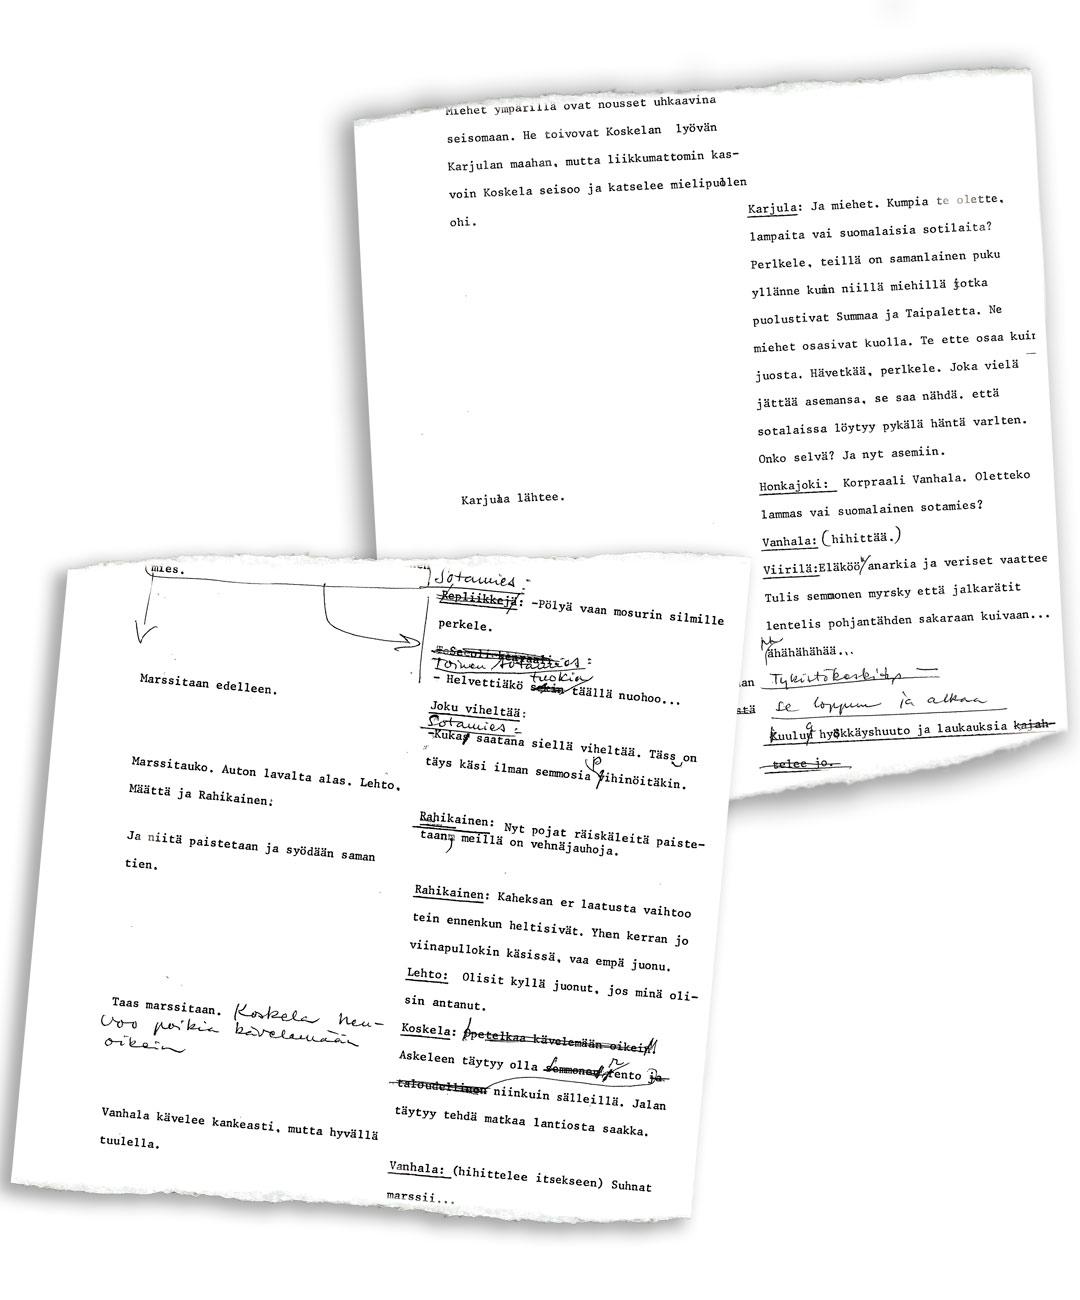 Donner piti Tuntemattomasta tehtyä 133-sivuista käsikirjoitusta sekä muistioita ja kirjeenvaihtoa visusti arkistoissaan pitkään hankkeen kuoppaamisen jälkeenkin.